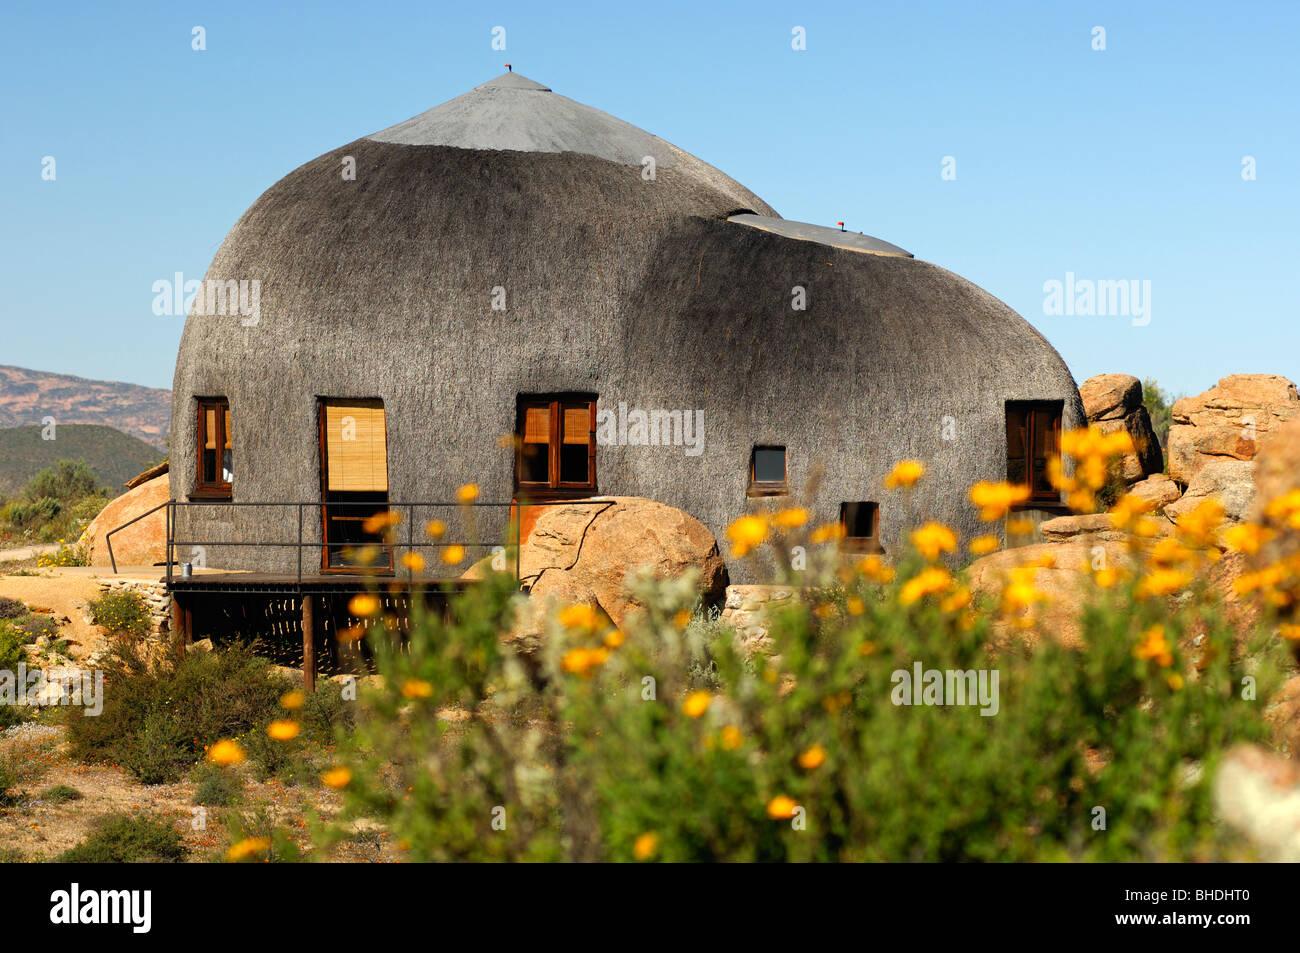 En forma de cúpula Suite, Naries Namakwa Mountain Retreat, Namakwa Naries, Sudáfrica Foto de stock